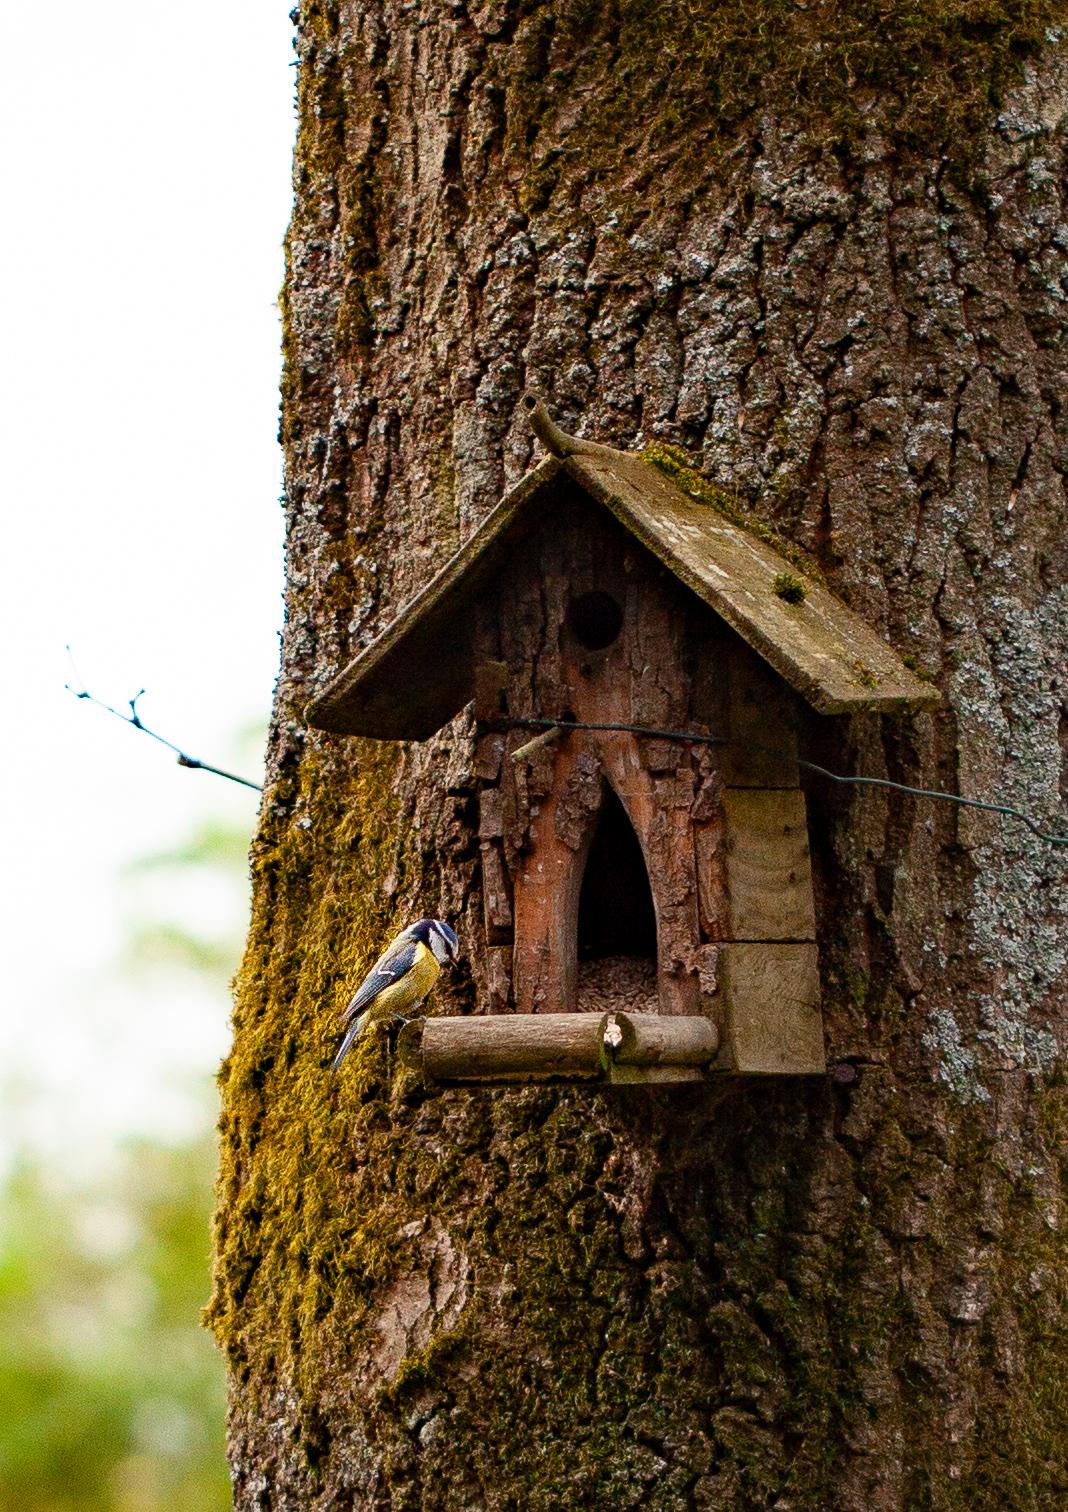 un des oiseaux du jardin, la mésange bleue